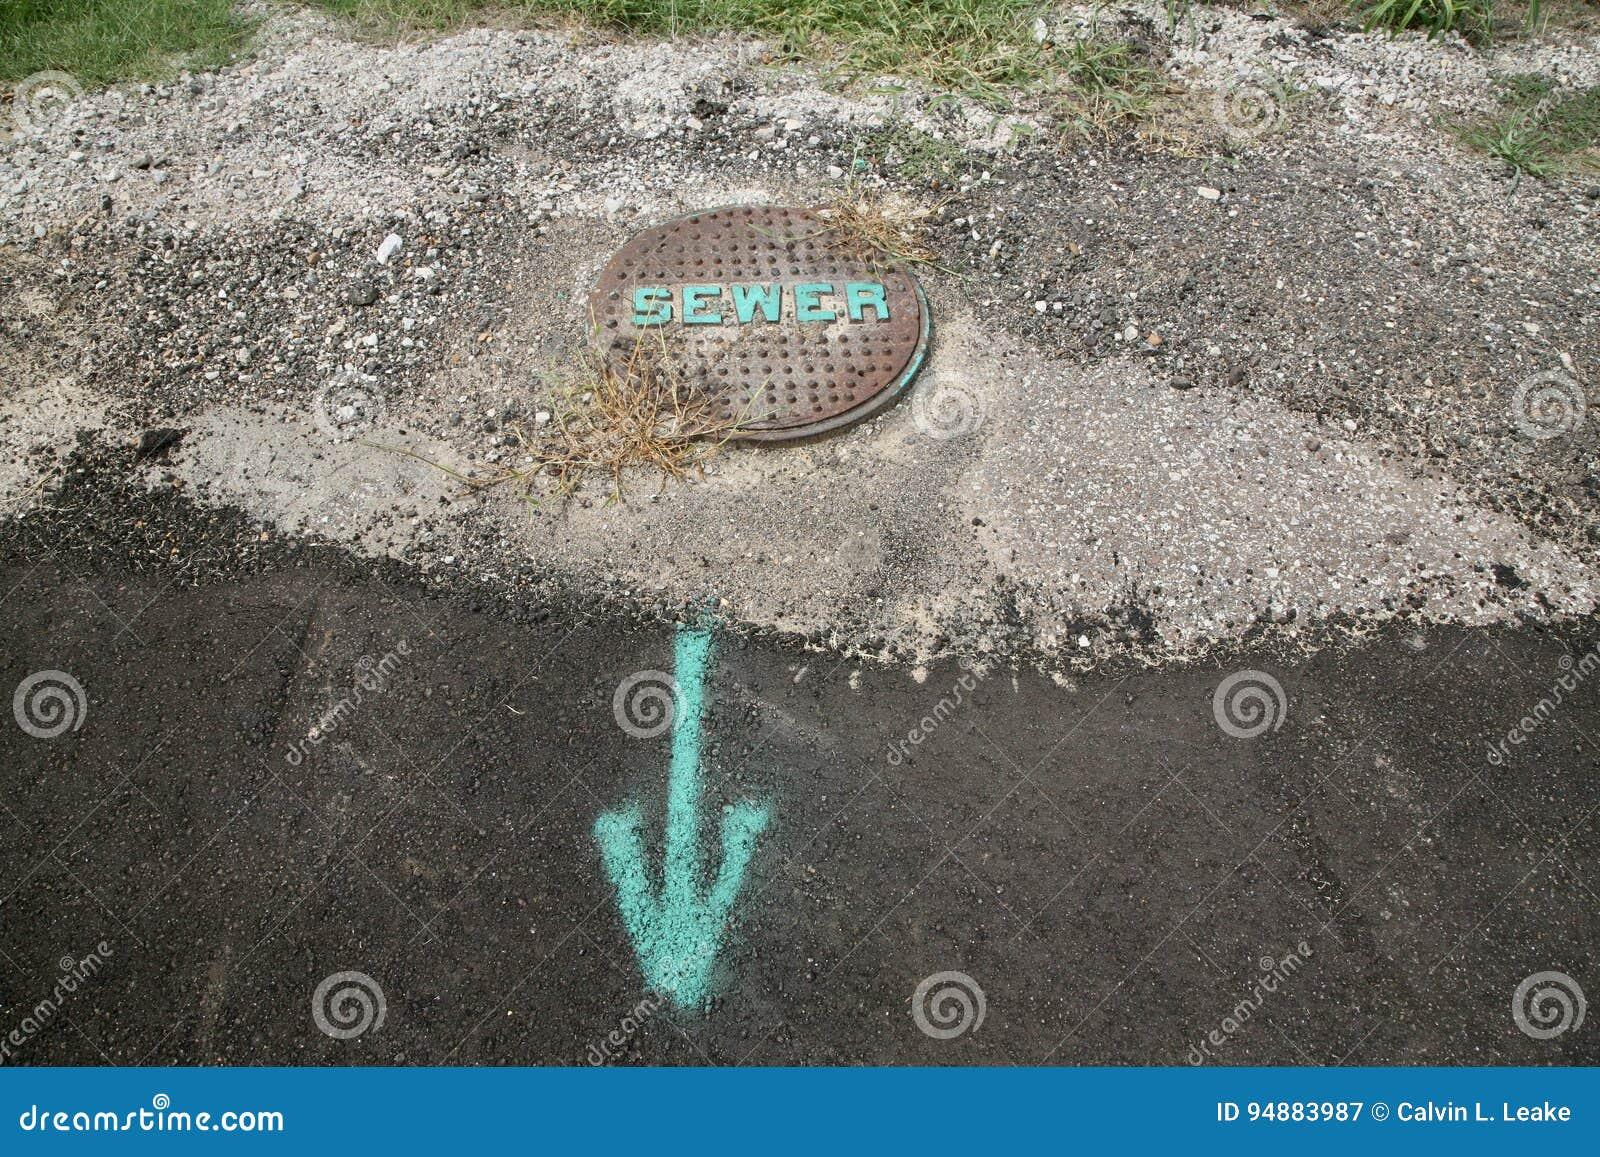 Abwasserkanal-Abfluss beschriftet und markiert